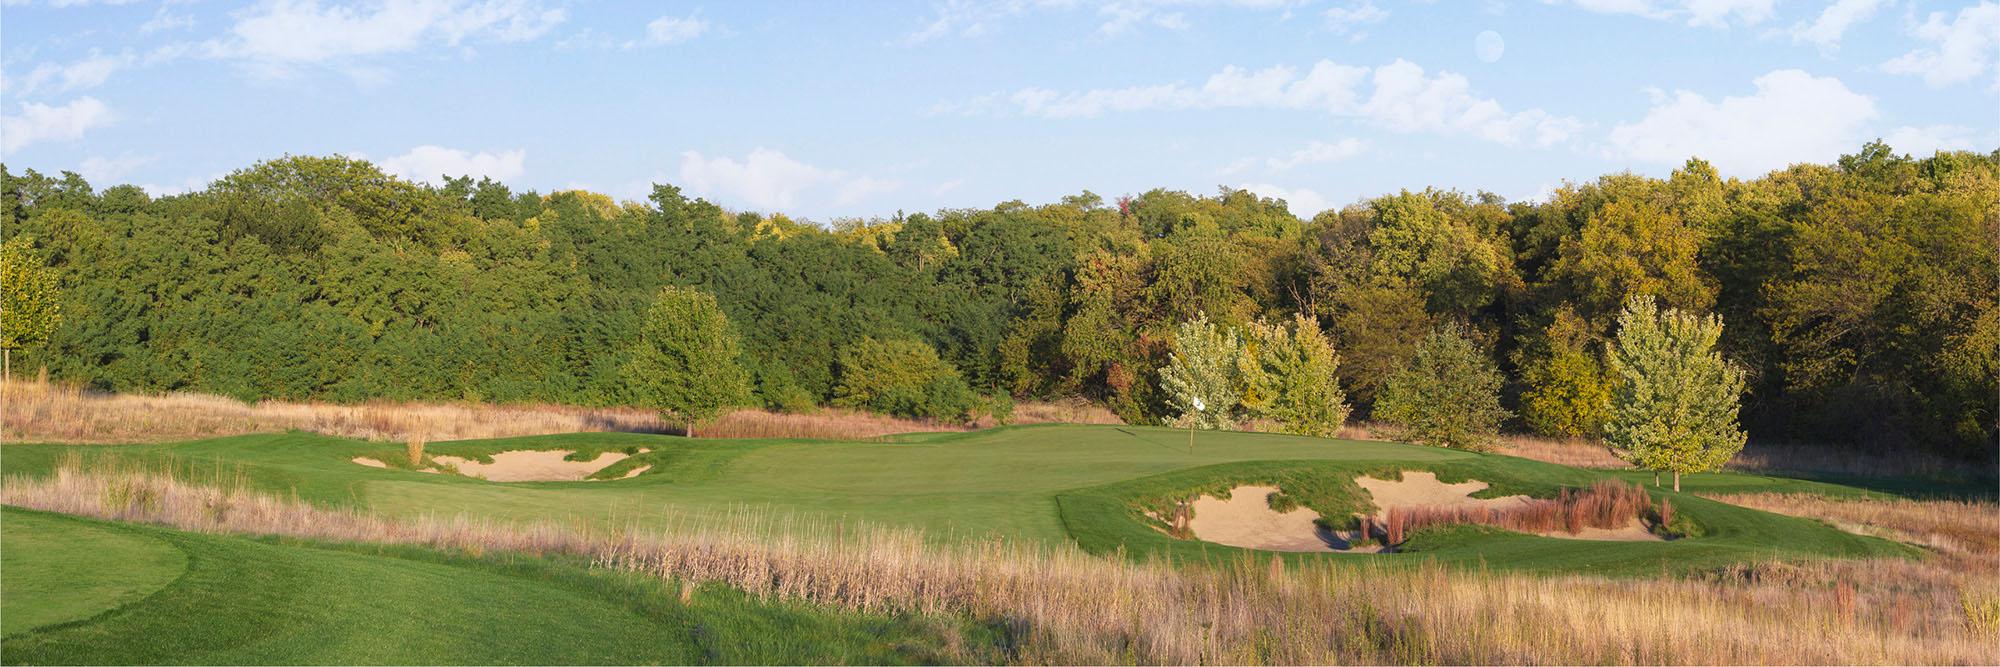 Golf Course Image - Arbor Links No. 3